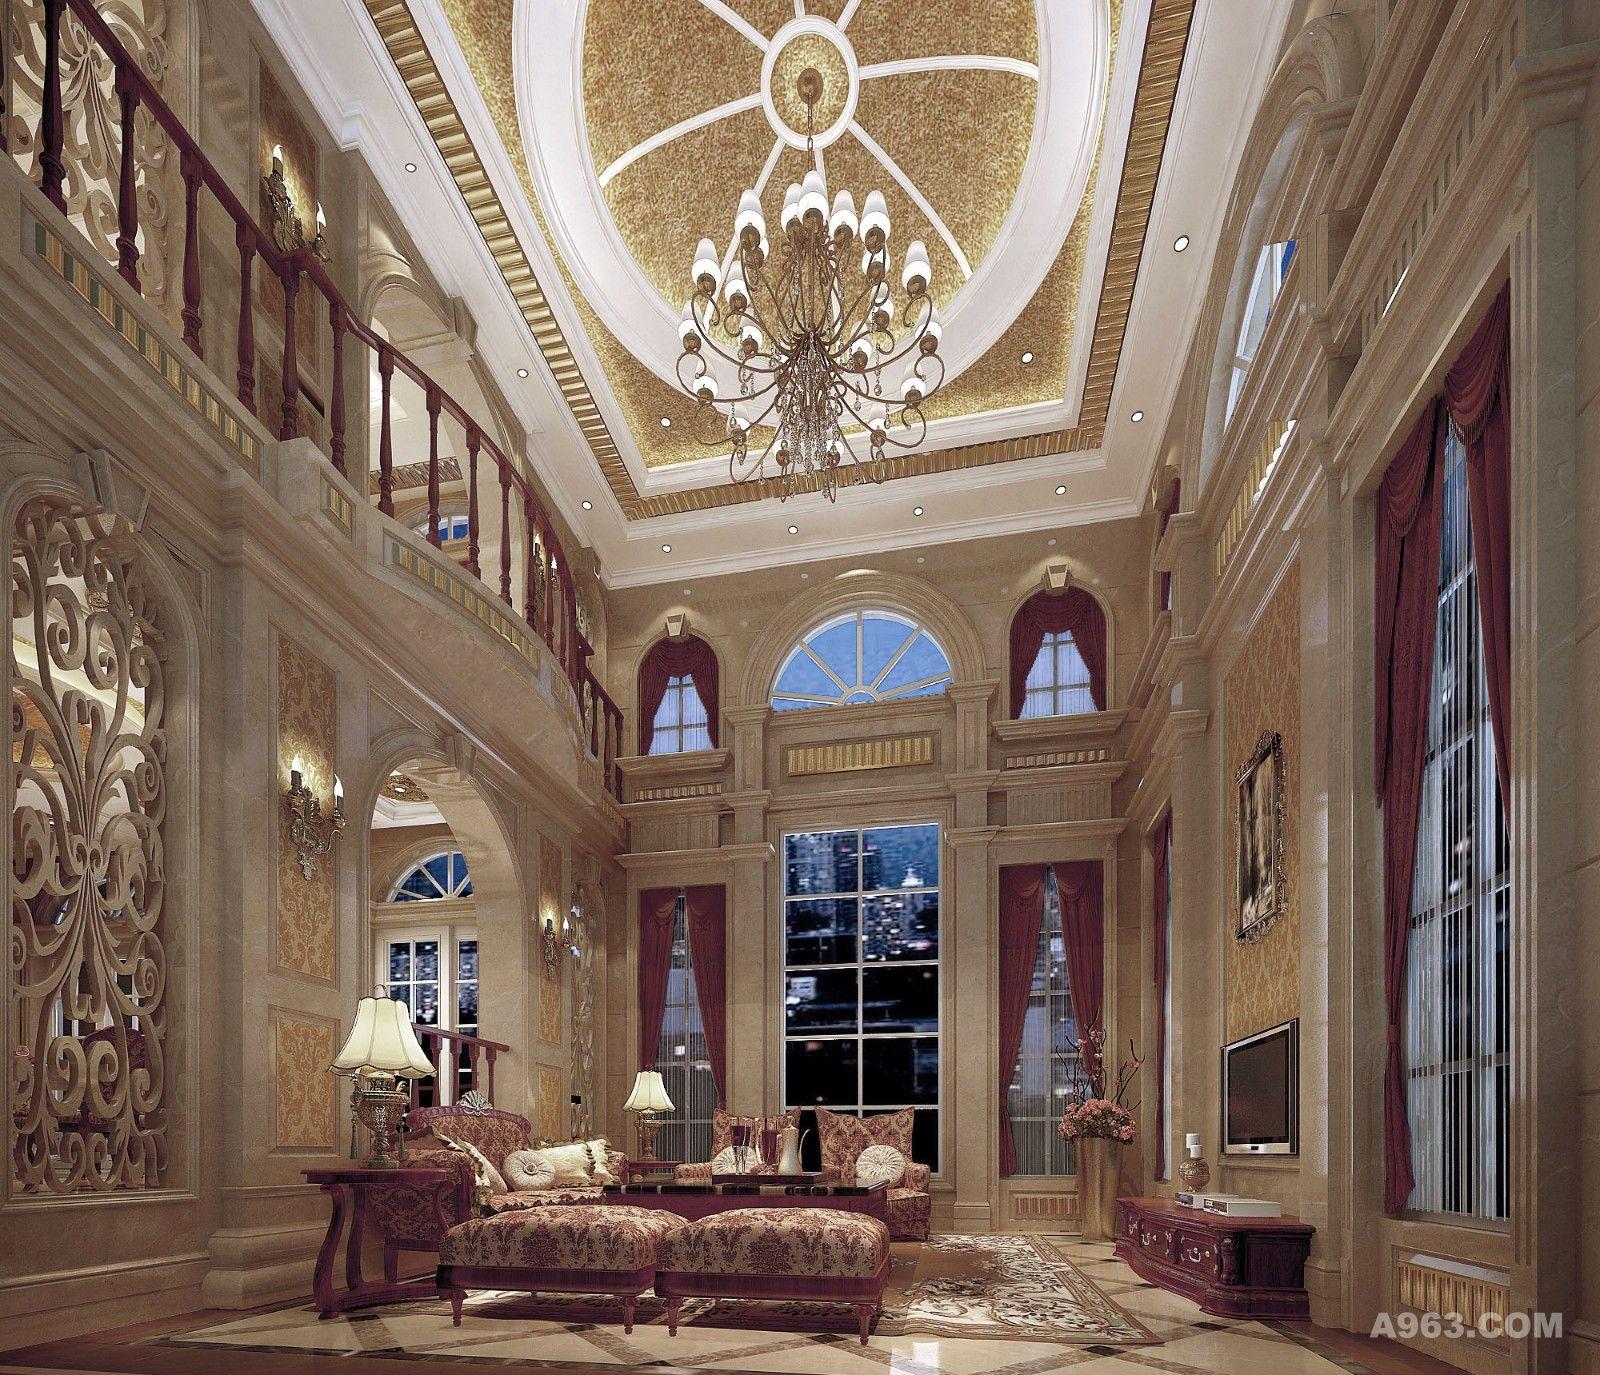 米白色的大理石与暖黄色的额天花遥相呼应 朱红色的窗帘与沙发也是统一规划 镂空的墙壁雕花给空间带进了通透感 整个空间显得大气统一 又暗中透露出一份低调的奢华